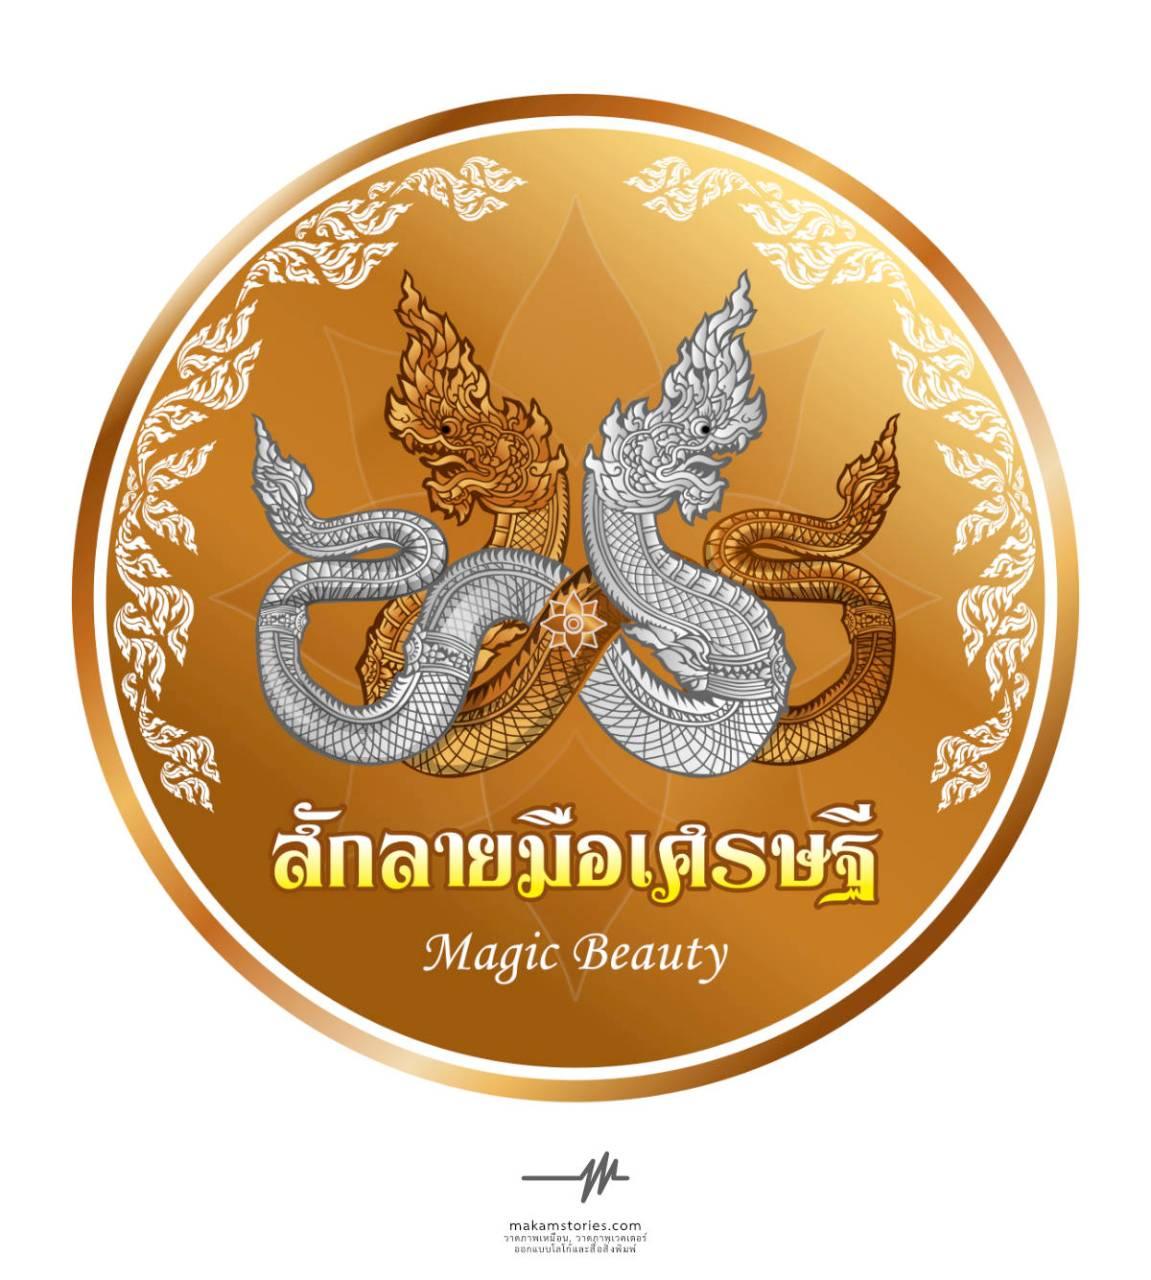 งานออกแบบโลโก้ลายพญานาค ออกแบบโลโก้ลายไทย